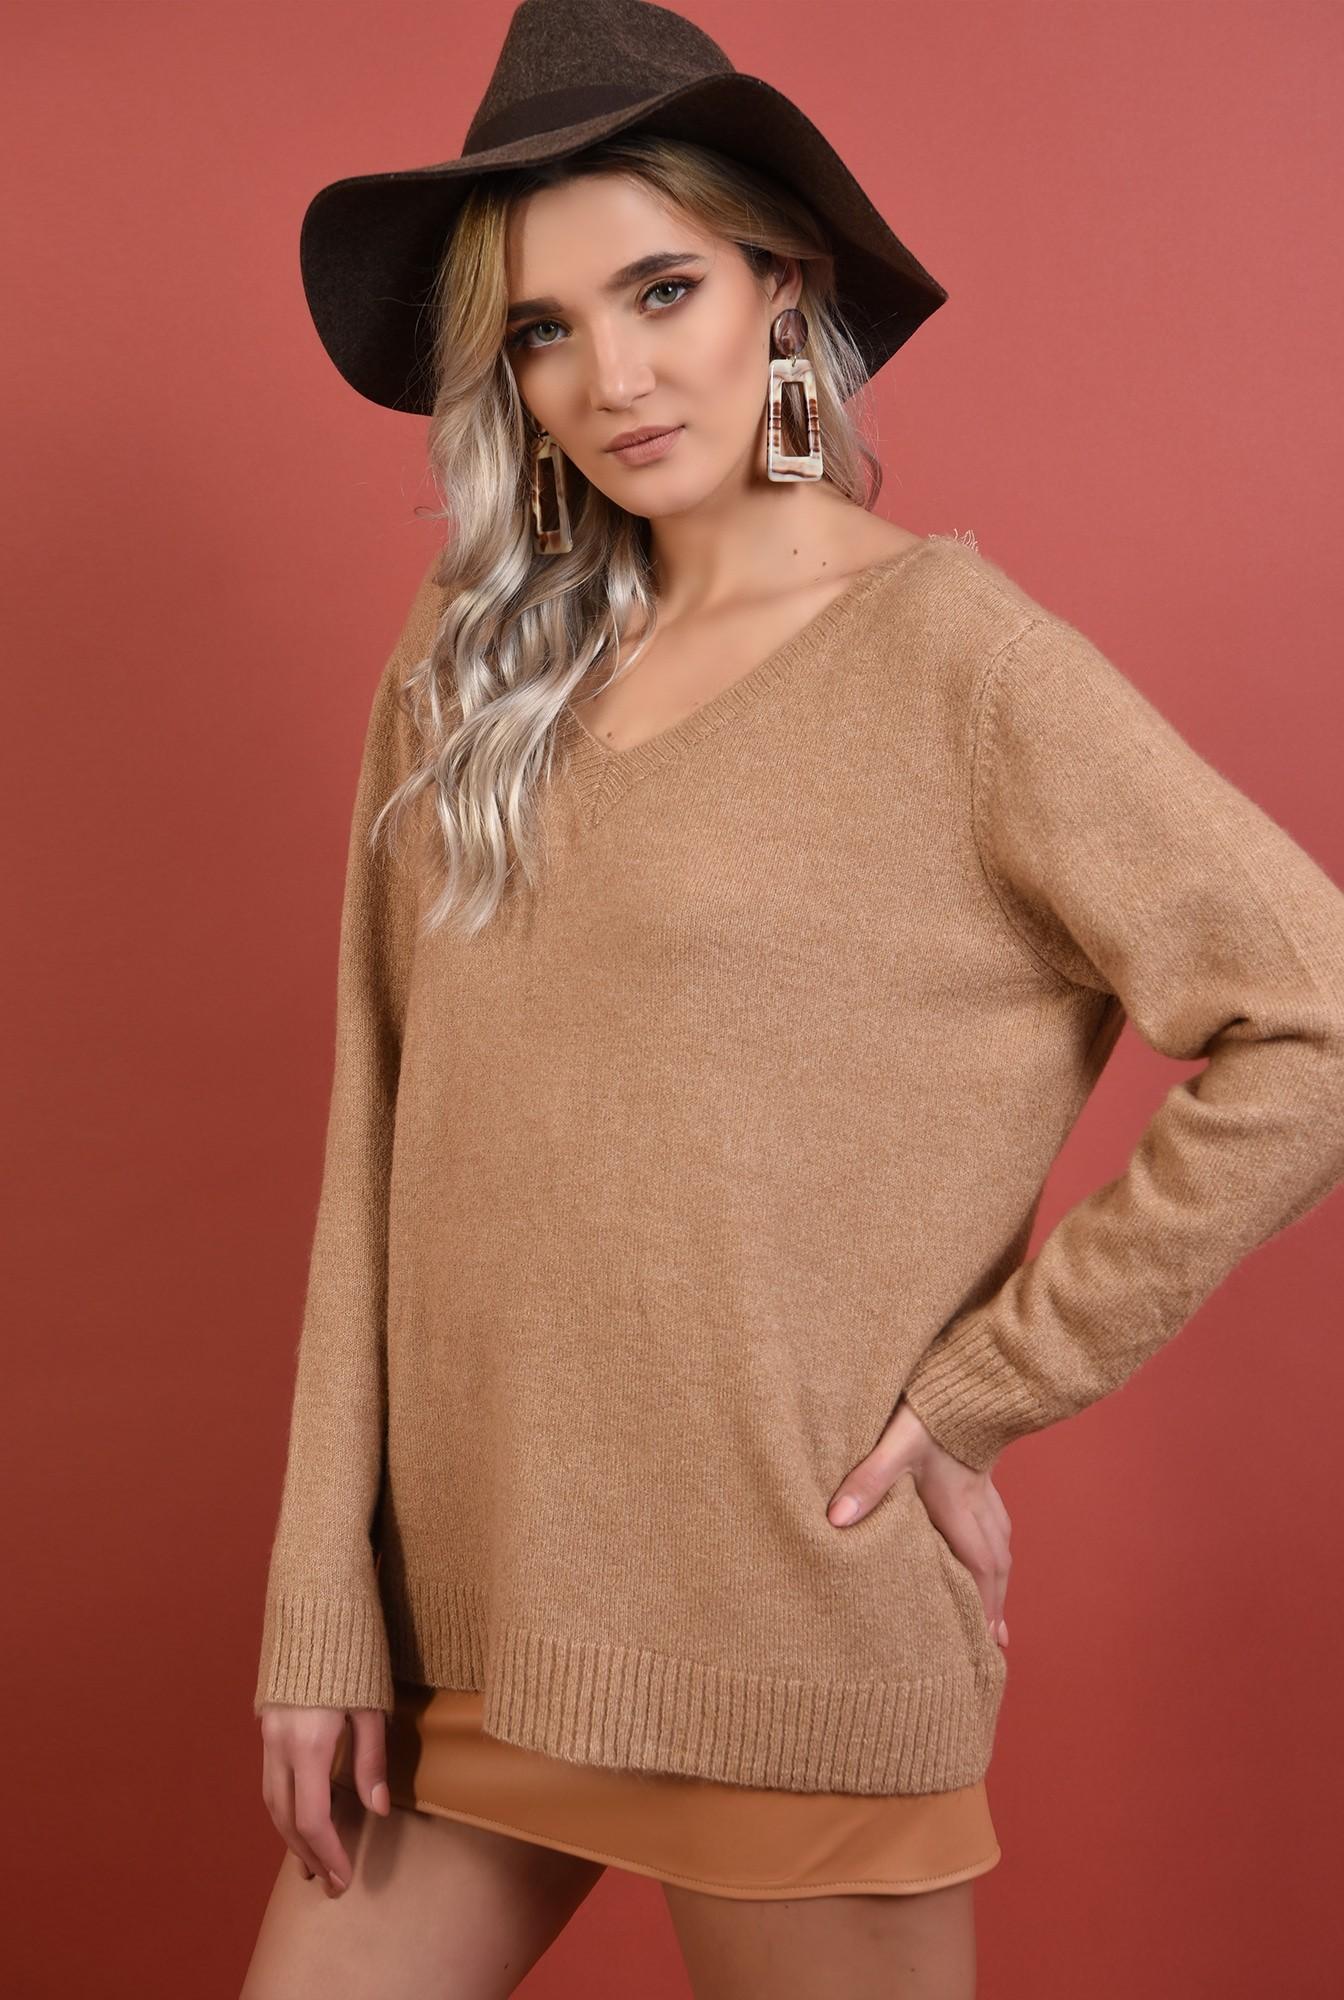 2 - pulover bej, croi drept lejer, anchior, spate decoltat cu funda, Poema